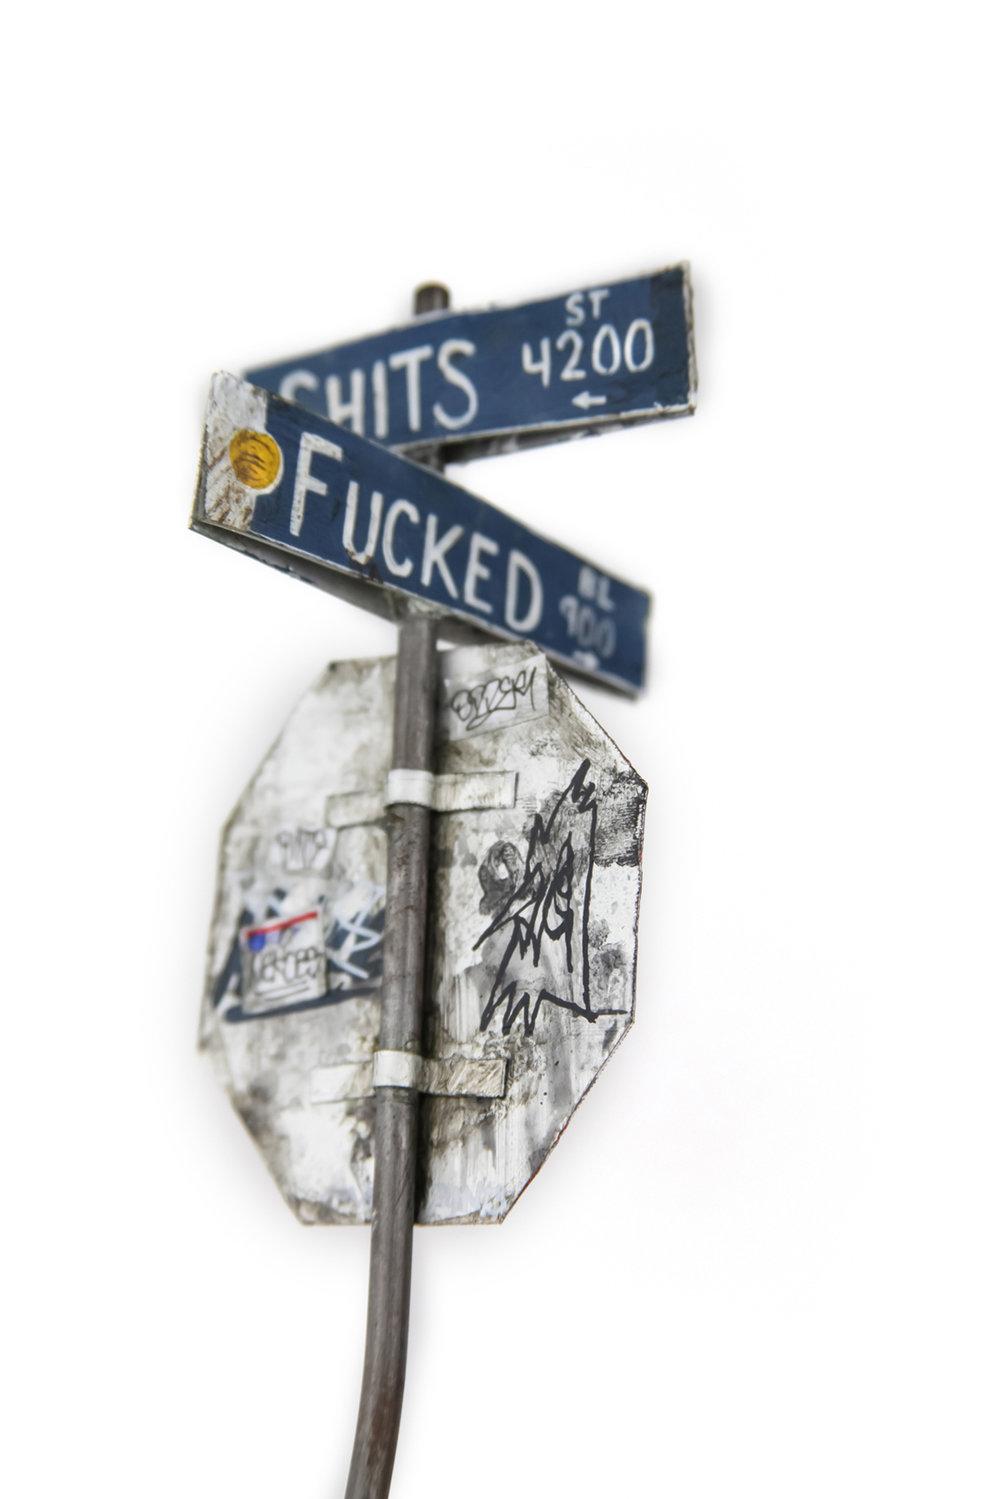 Shits Fucked